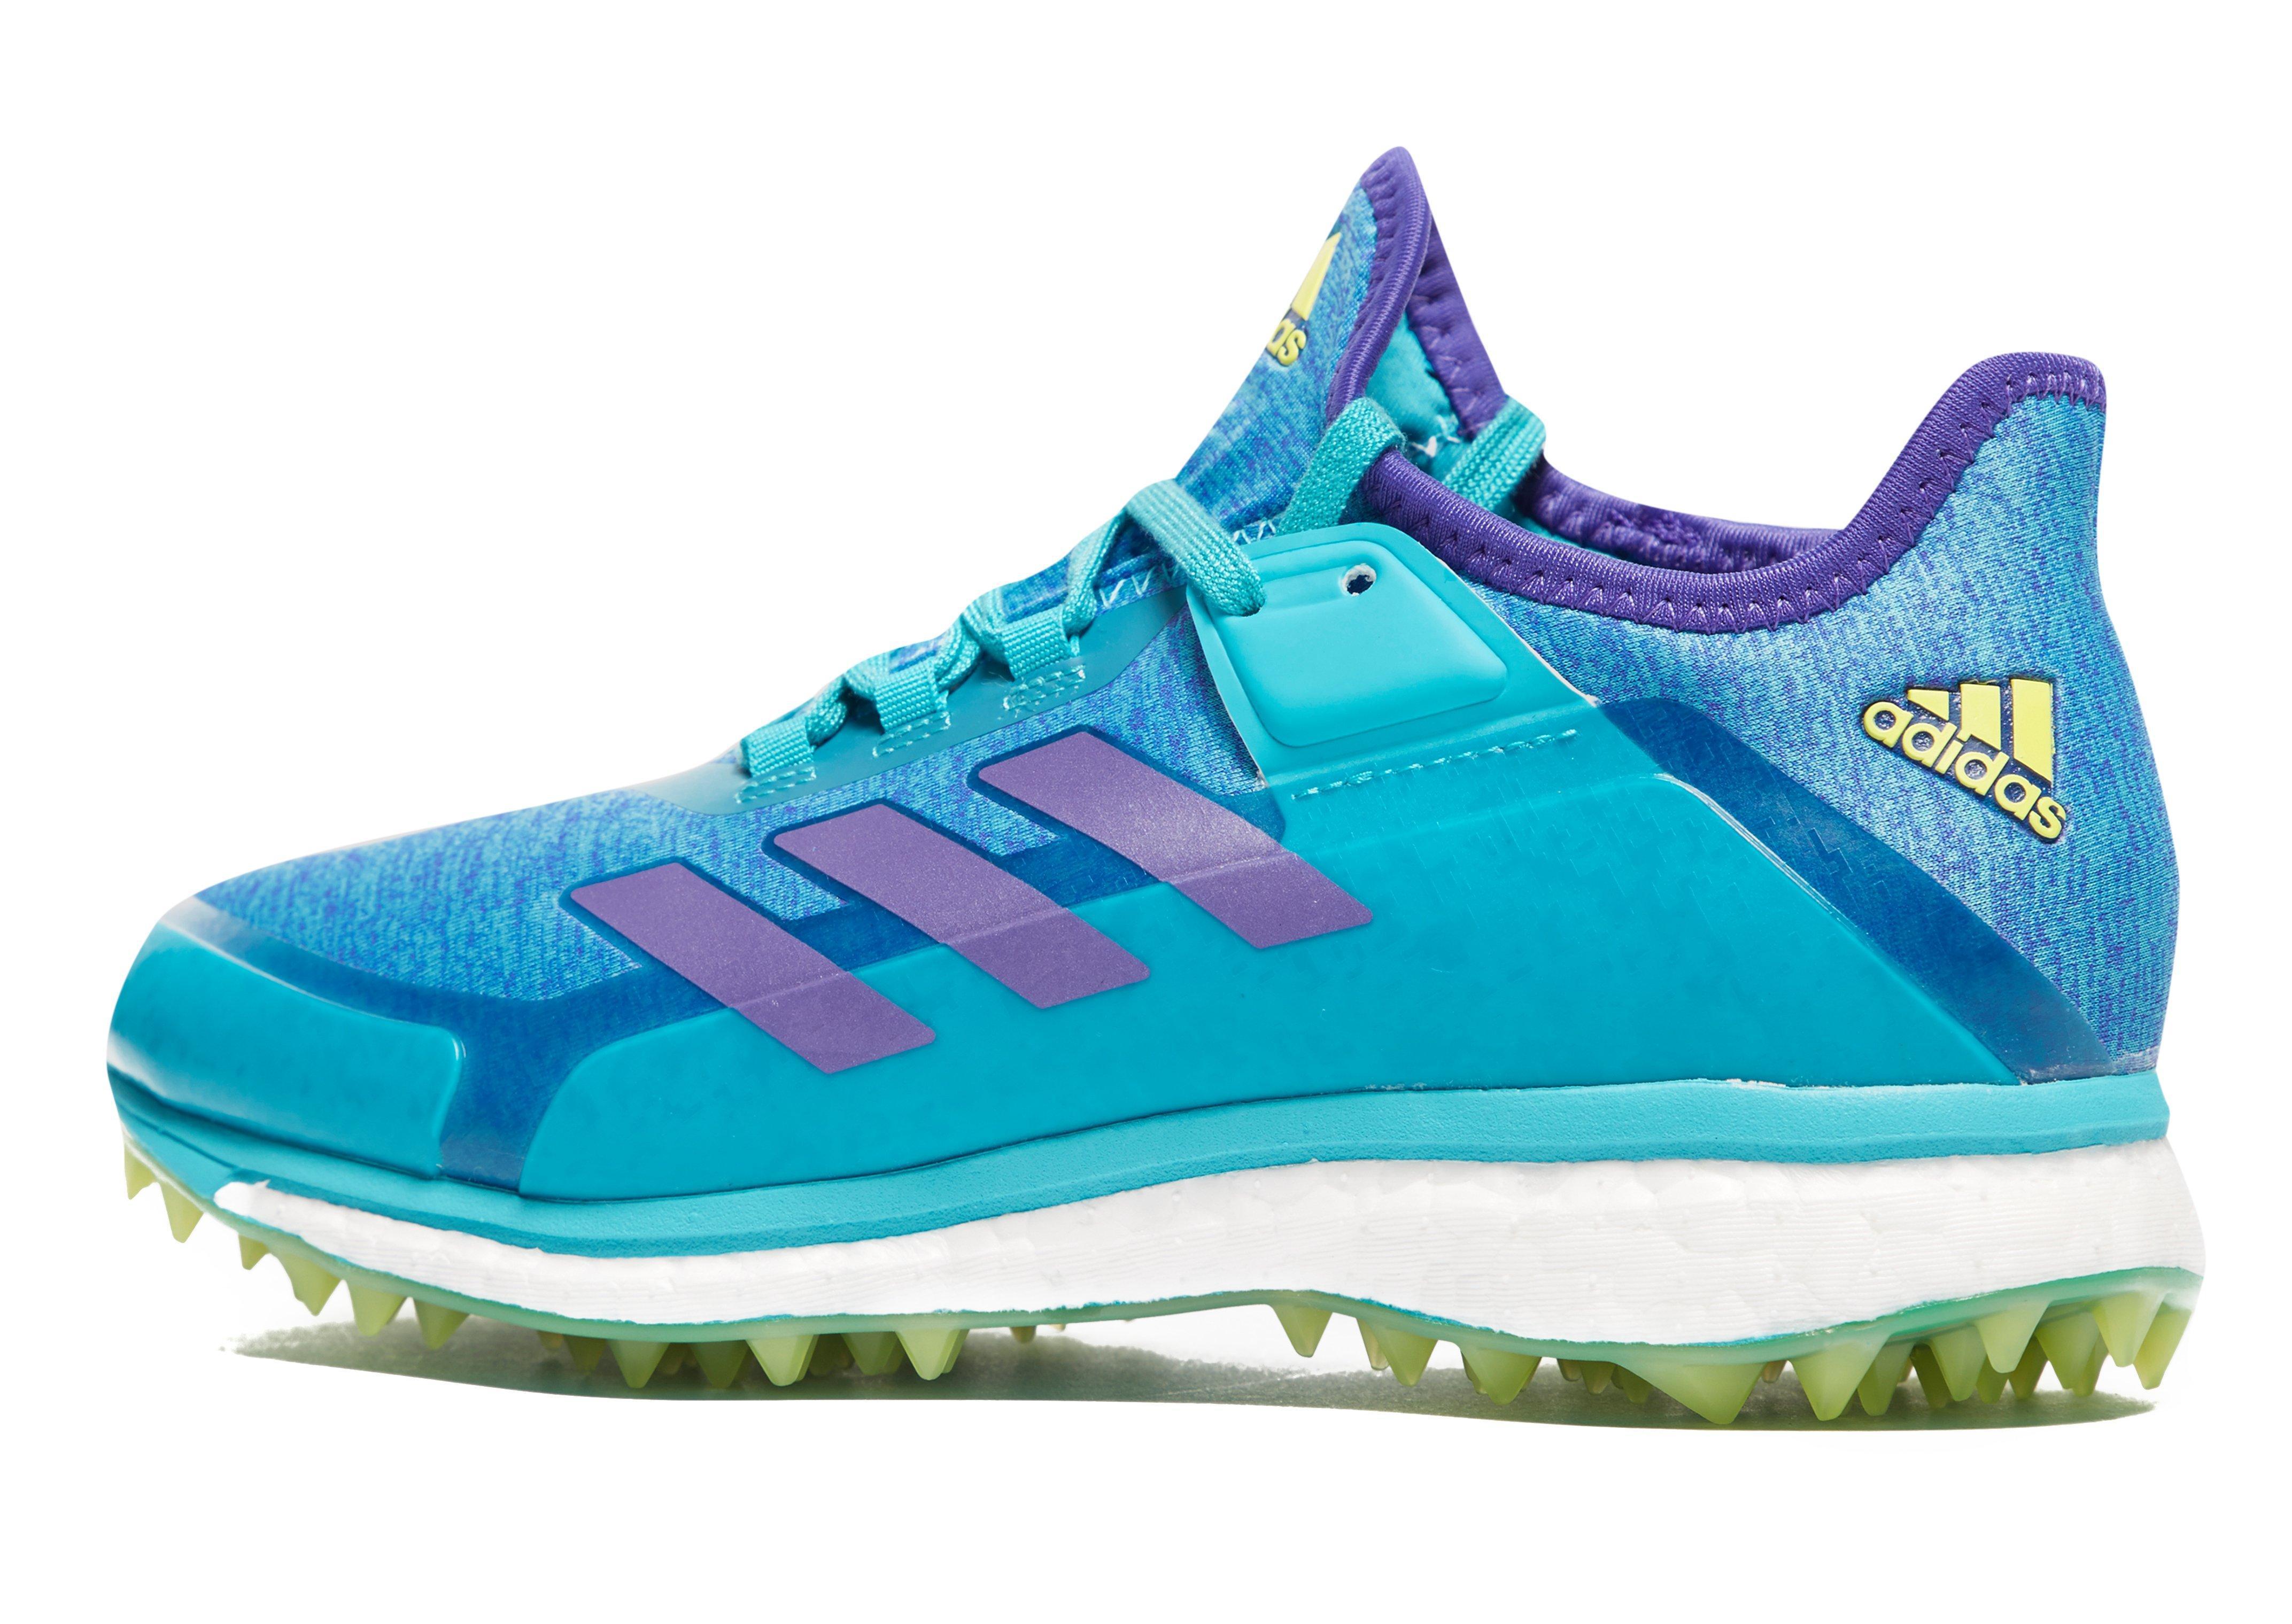 42d60d1d4c48 Adidas Blue Fabela X Aqua Hockey Shoes